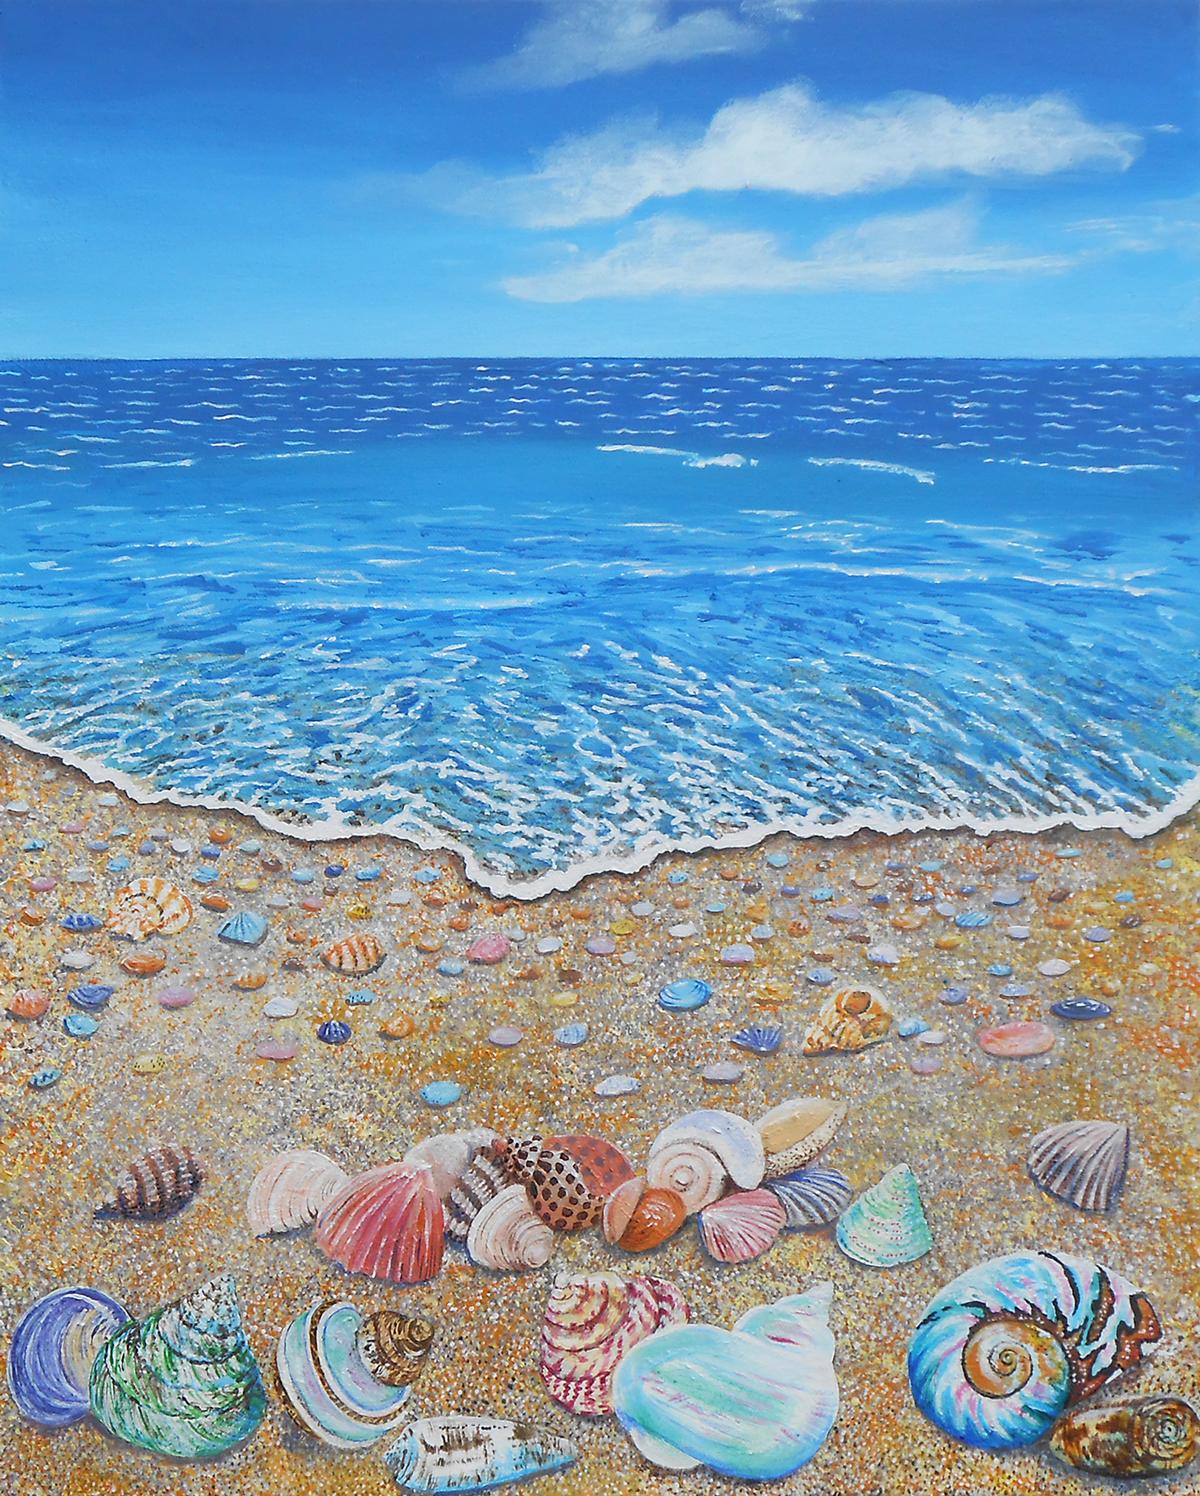 annie-shellsand-sea